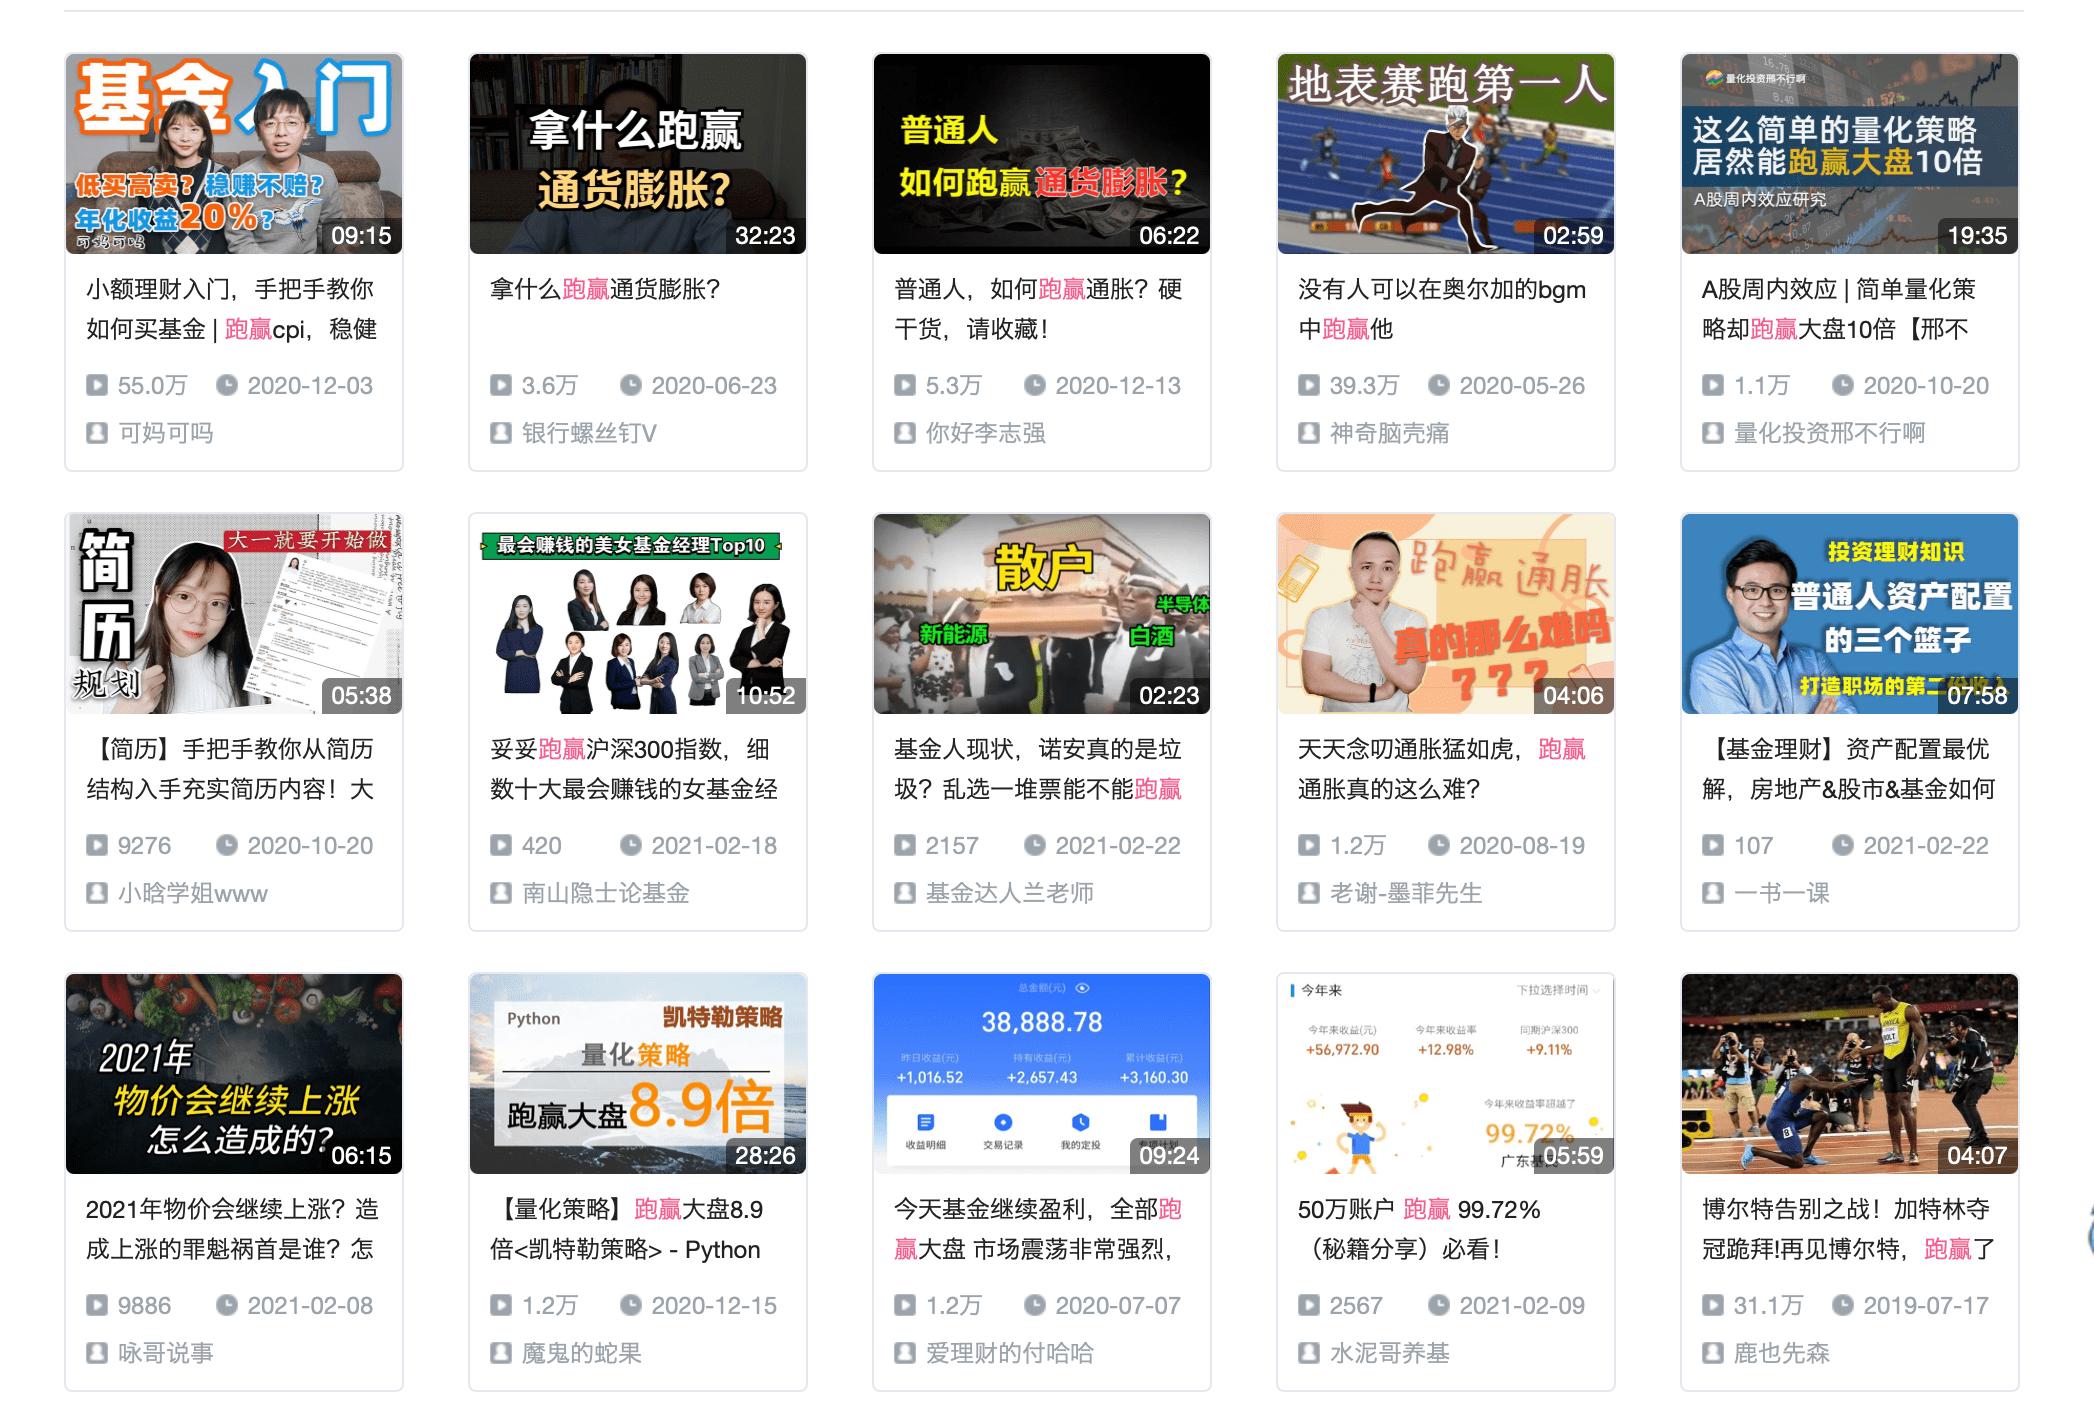 天顺平台开户-首页【1.1.8】  第12张